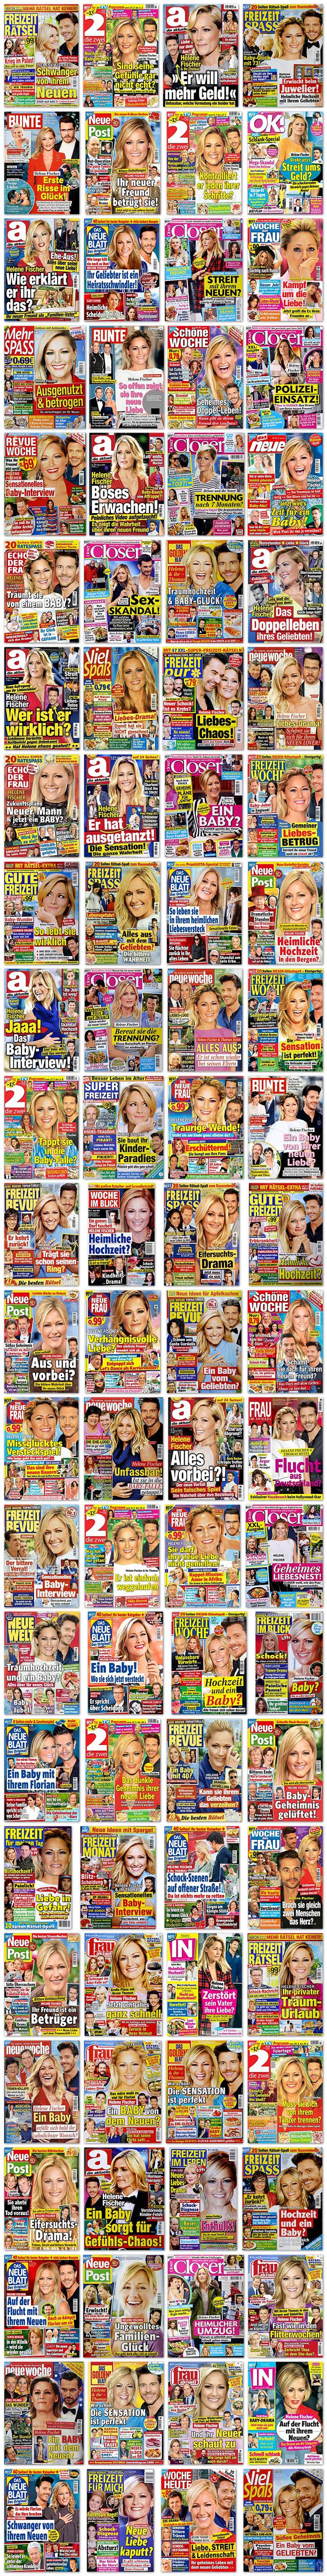 """Eine Collage aus gut 100 Zeitschriftencovern, auf denen die Titelgeschichte mit Helene und Thomas zu tun hat. Von """"Schwanger von ihrem Neuen"""" über """"Sind seine Gefühle gar nicht echt?"""" bis zu """"Ihr Geliebter ist ein Heiratsschwindler!"""""""